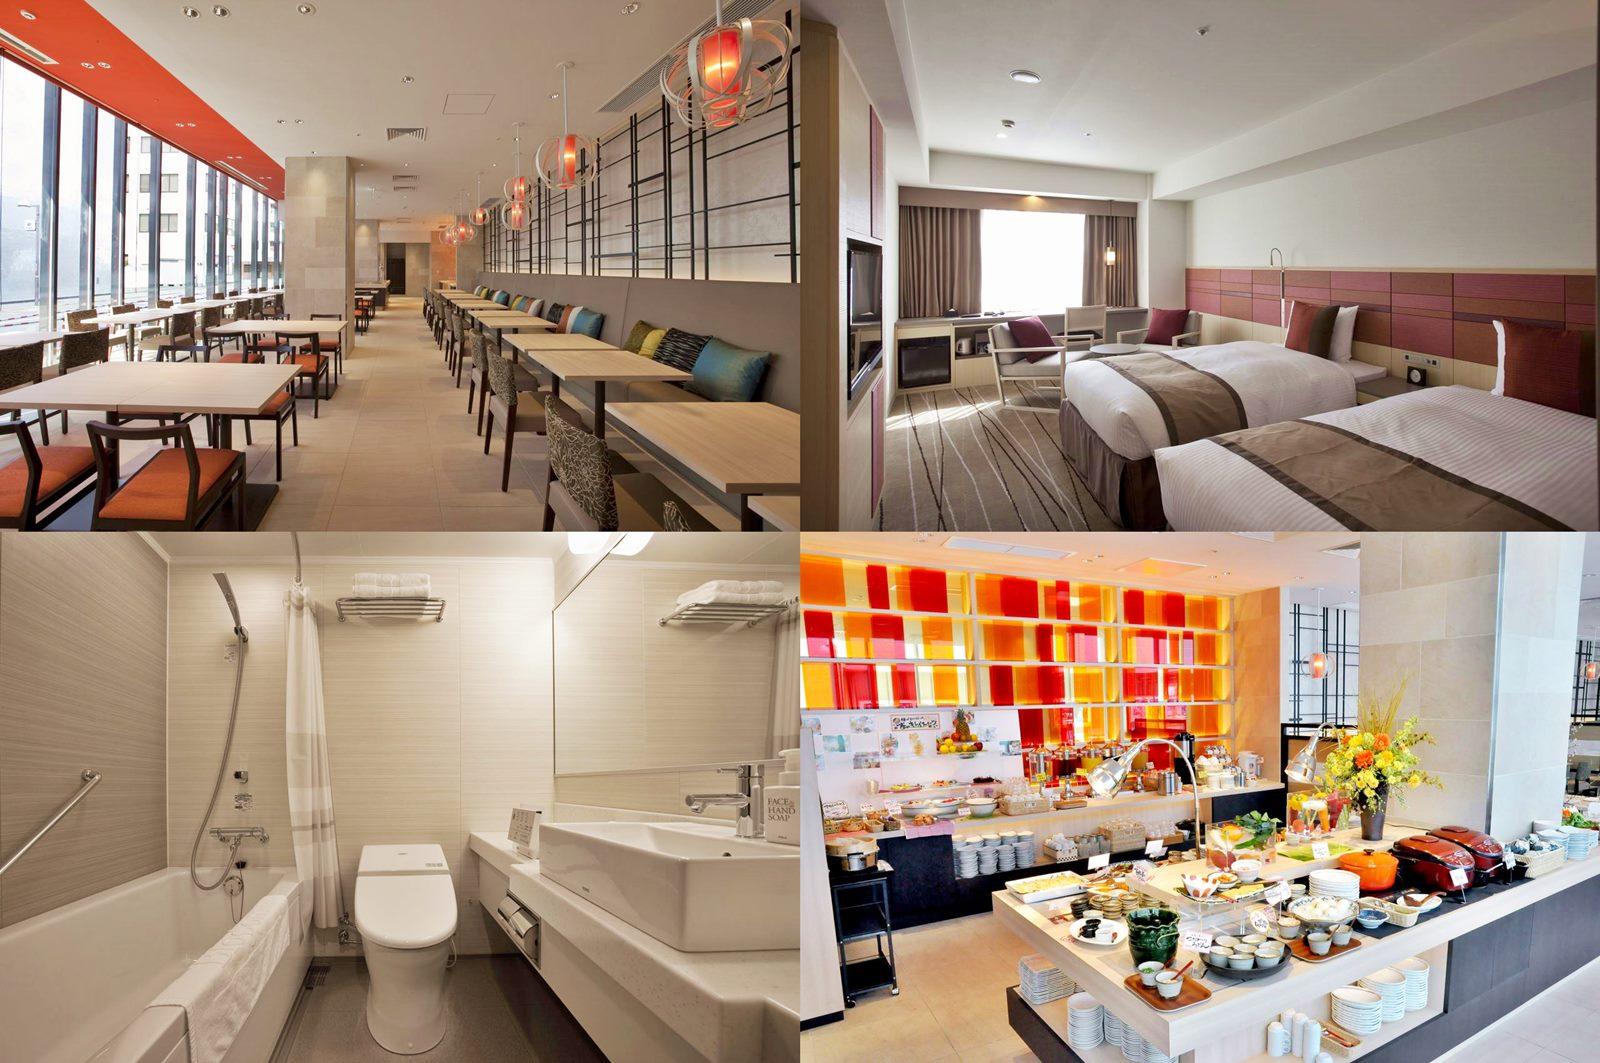 九州-住宿-推薦-福岡-長崎-佐賀-旅館-飯店-酒店-民宿-Kyushu-Hotel-Fukuoka-Nagasaki-Saga